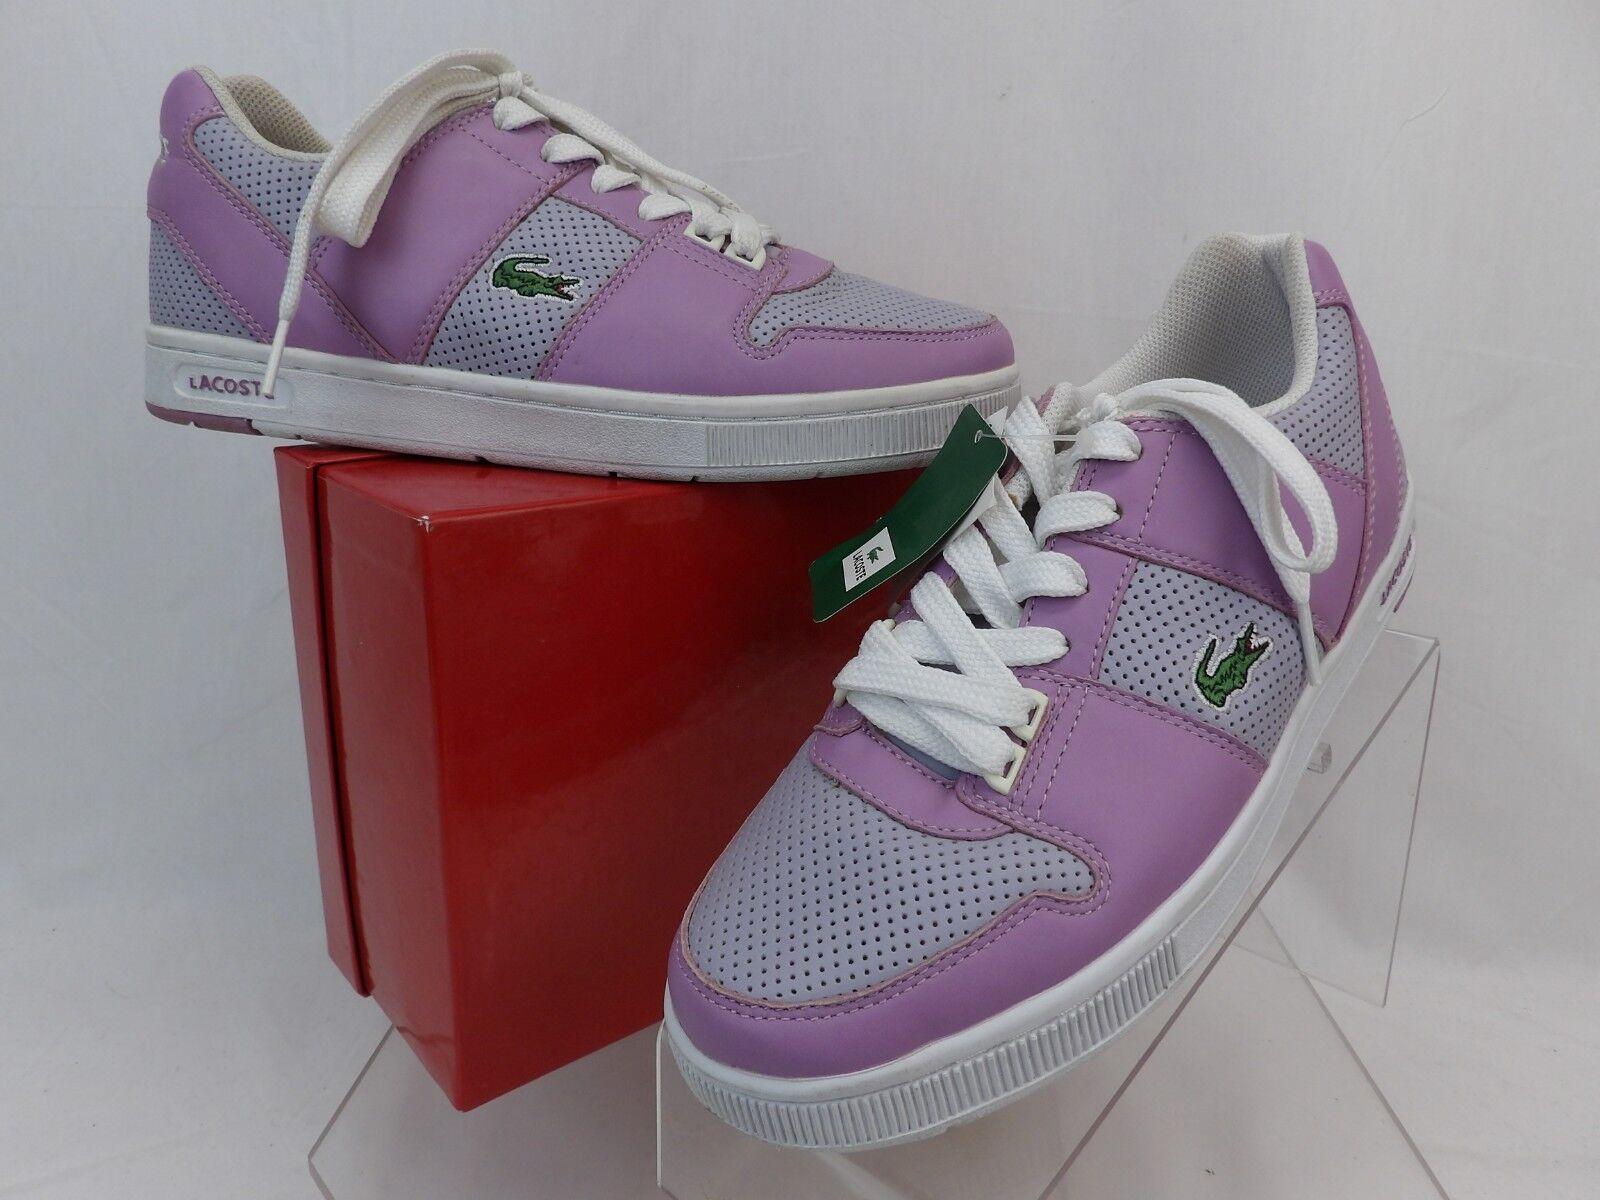 encuentra tu favorito aquí Nueva con caja Lacoste dos dos dos tonos de piel púrpuraa observar Con Cordones Zapatillas 9  en venta en línea